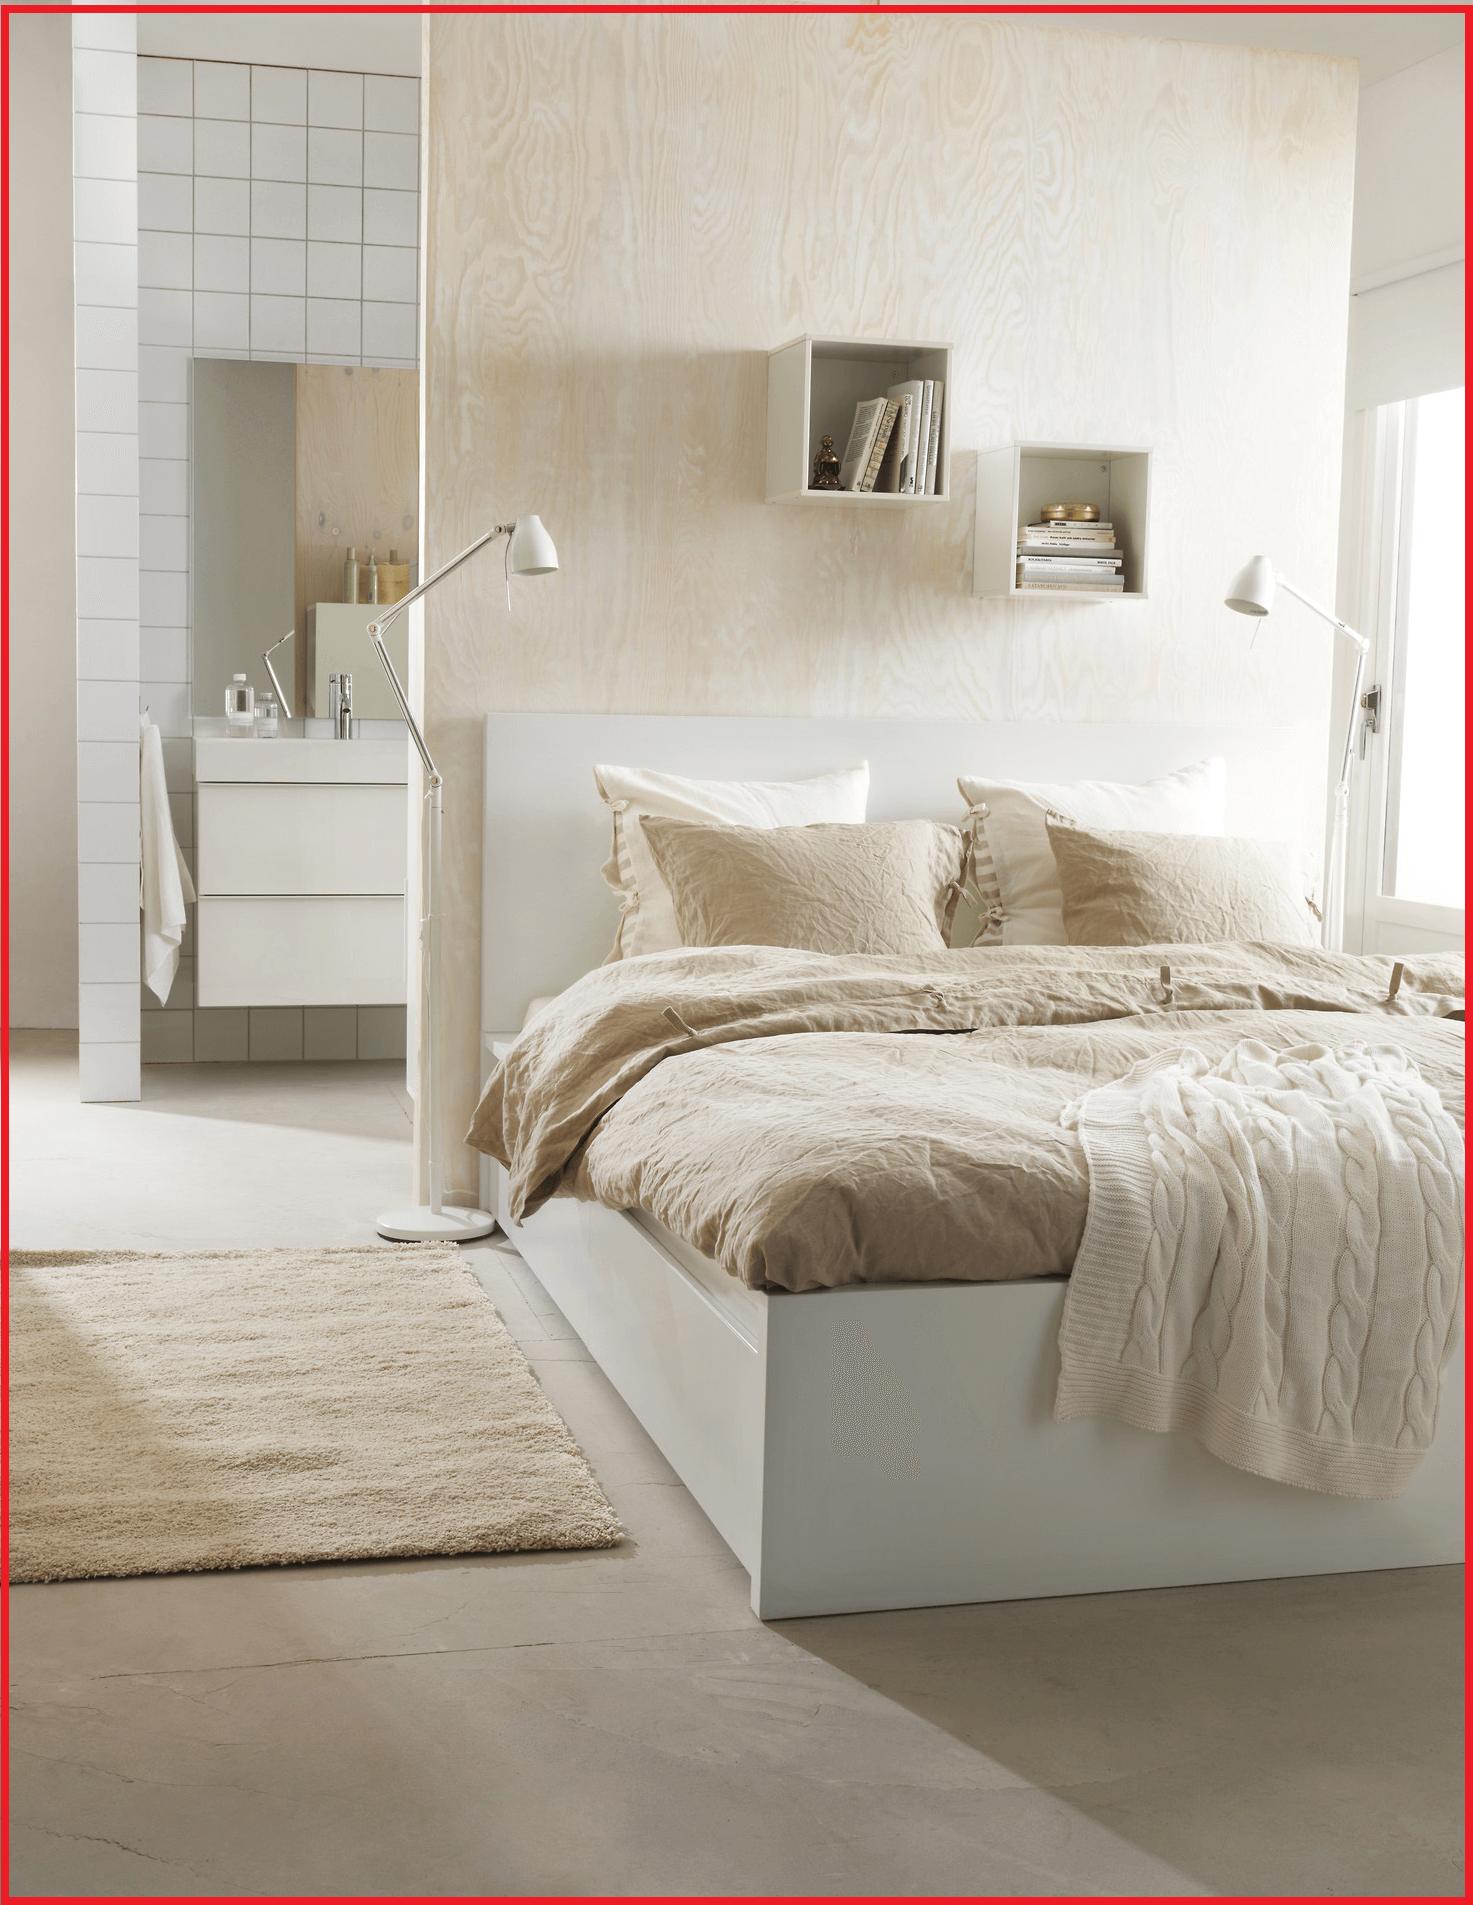 Medium Size Of Gunstige Schlafzimmer Komplett Schweiz Mit Matratze Ikea Ga  1 4 Nstige Hause Deko Genial Schlafzimmereinrichtungen Schweiz Deko  Schlafzimmer ...